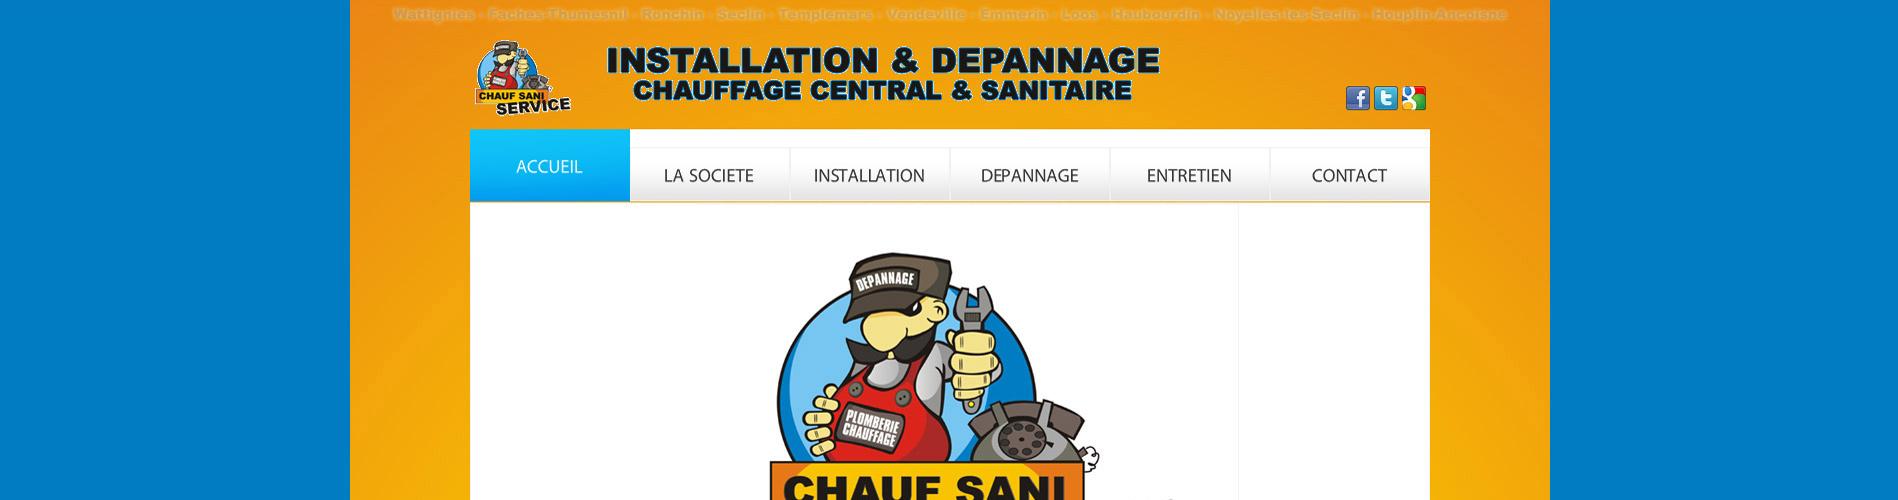 Dépannage plomberie et sanitaire à Wattignies